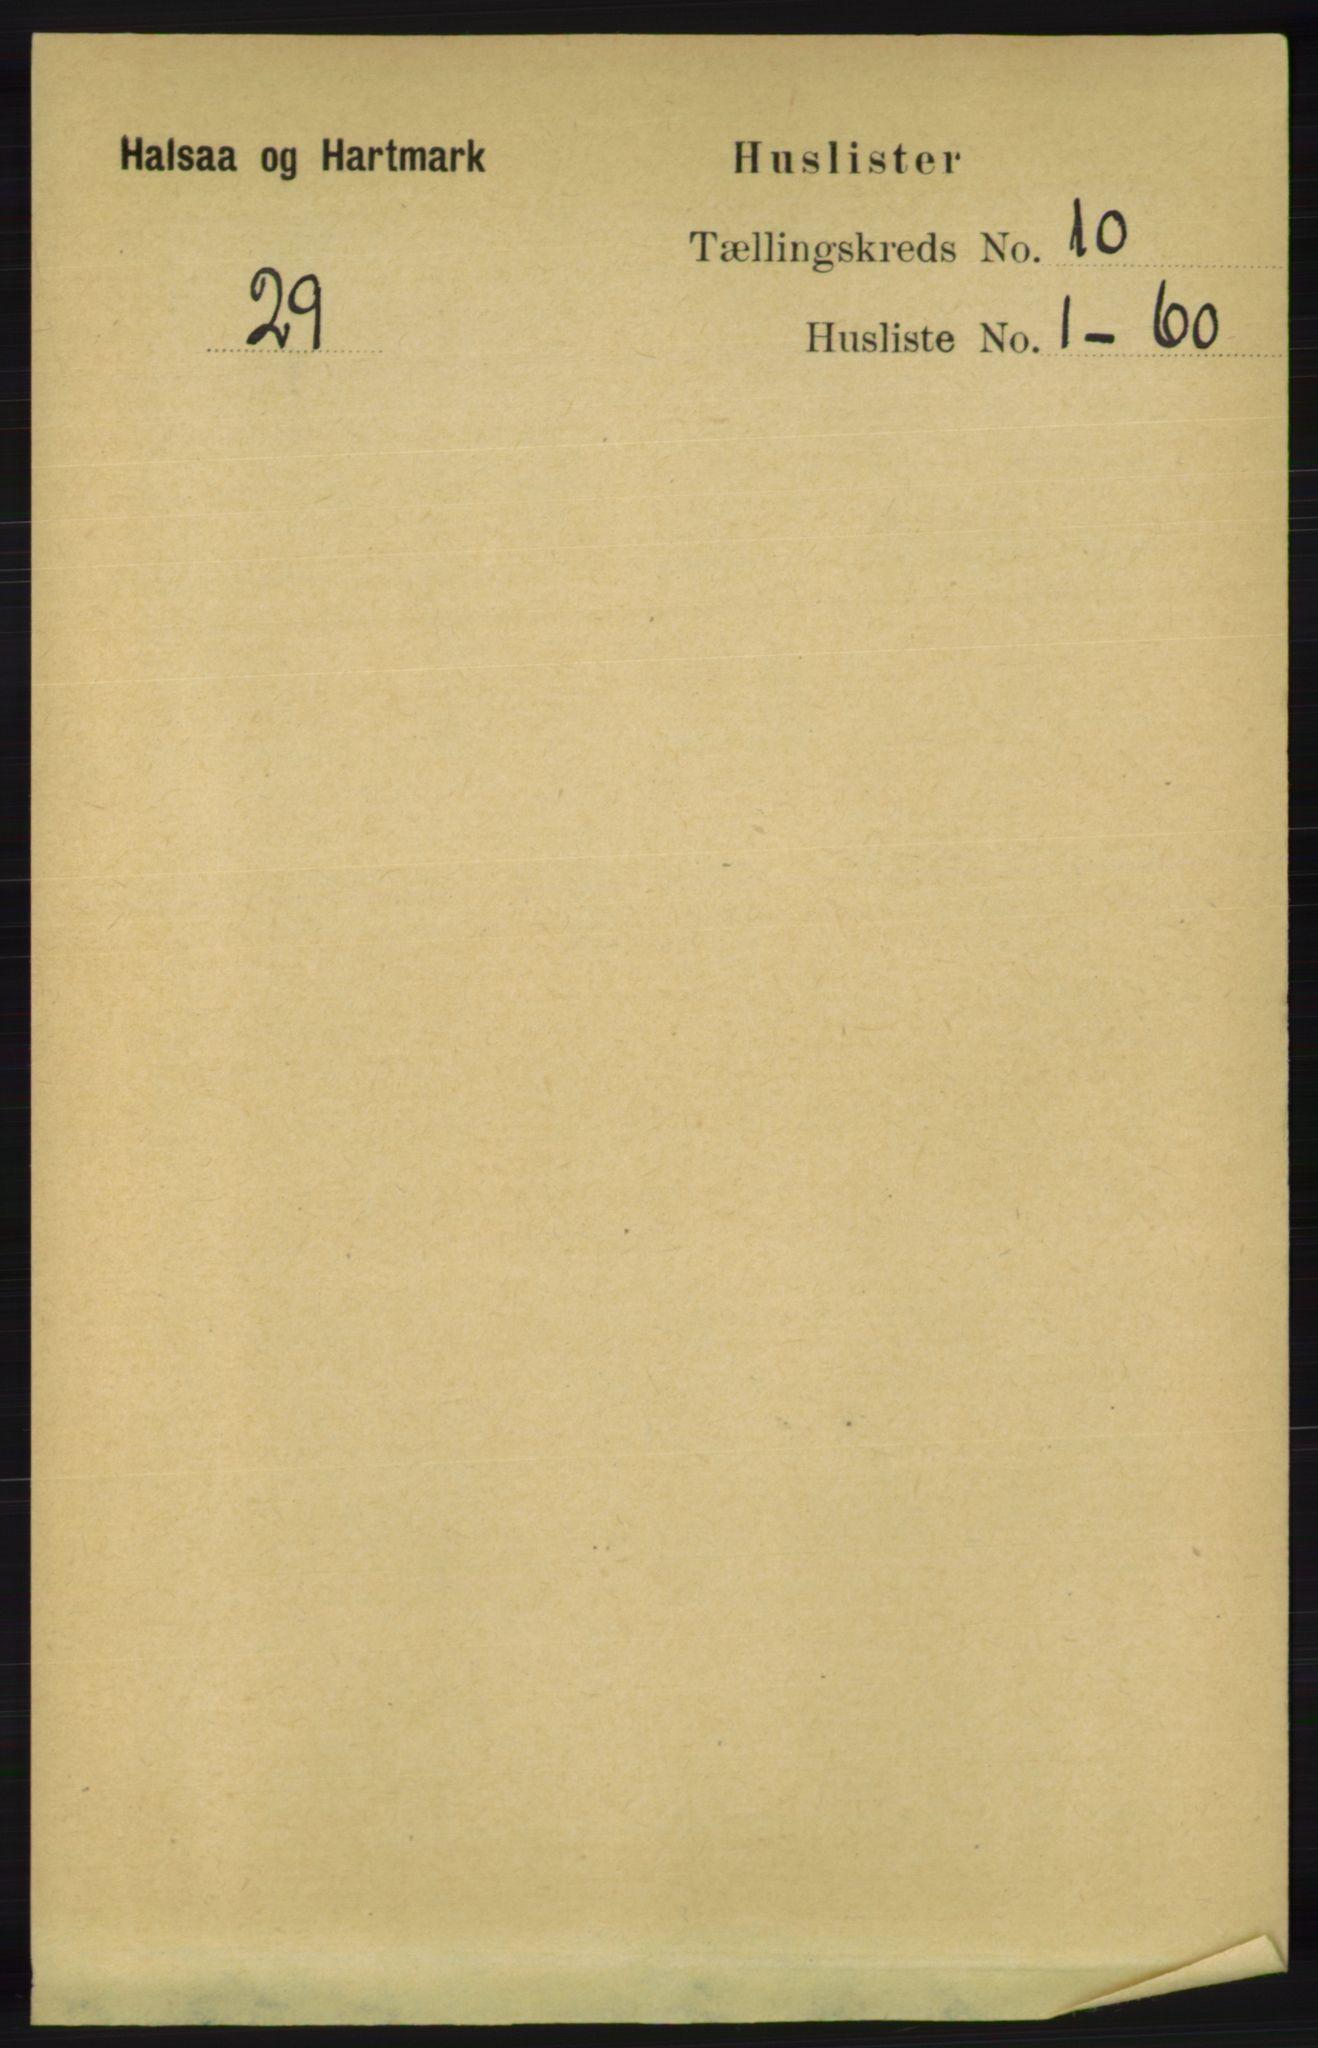 RA, Folketelling 1891 for 1019 Halse og Harkmark herred, 1891, s. 3703